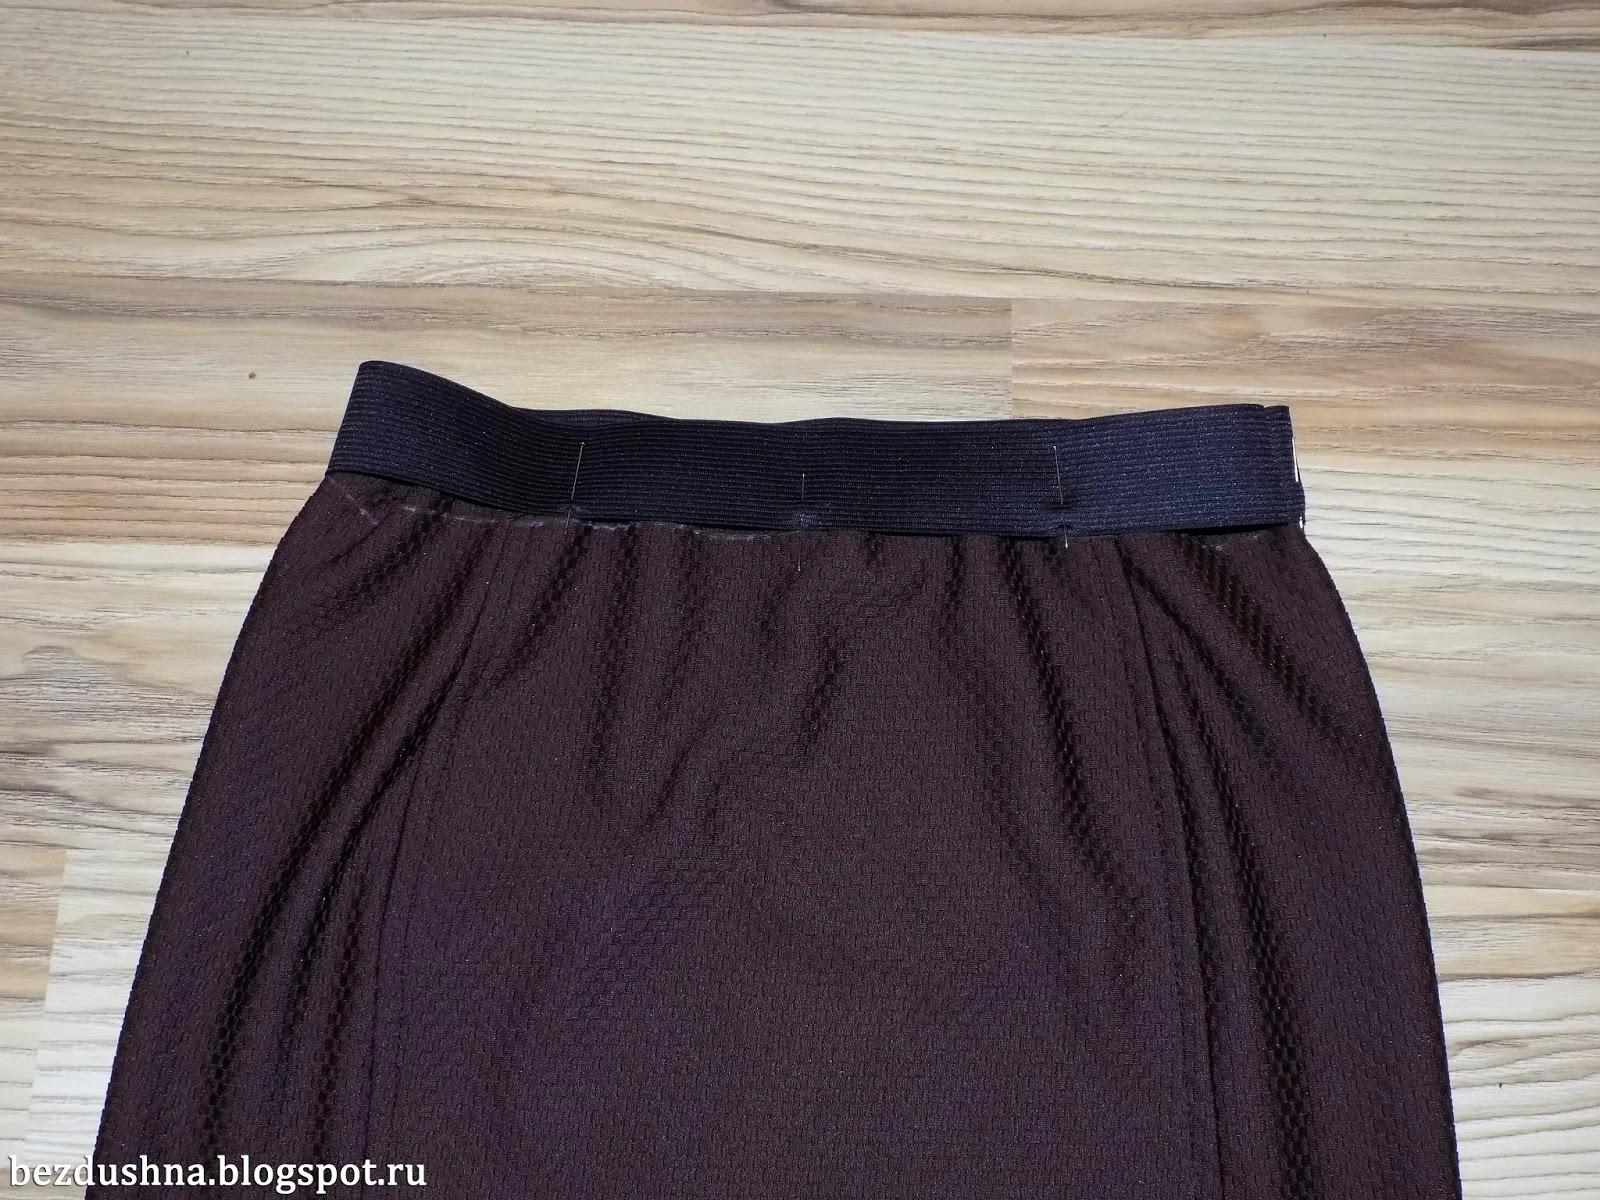 Трикотажная прямая юбка на резинке